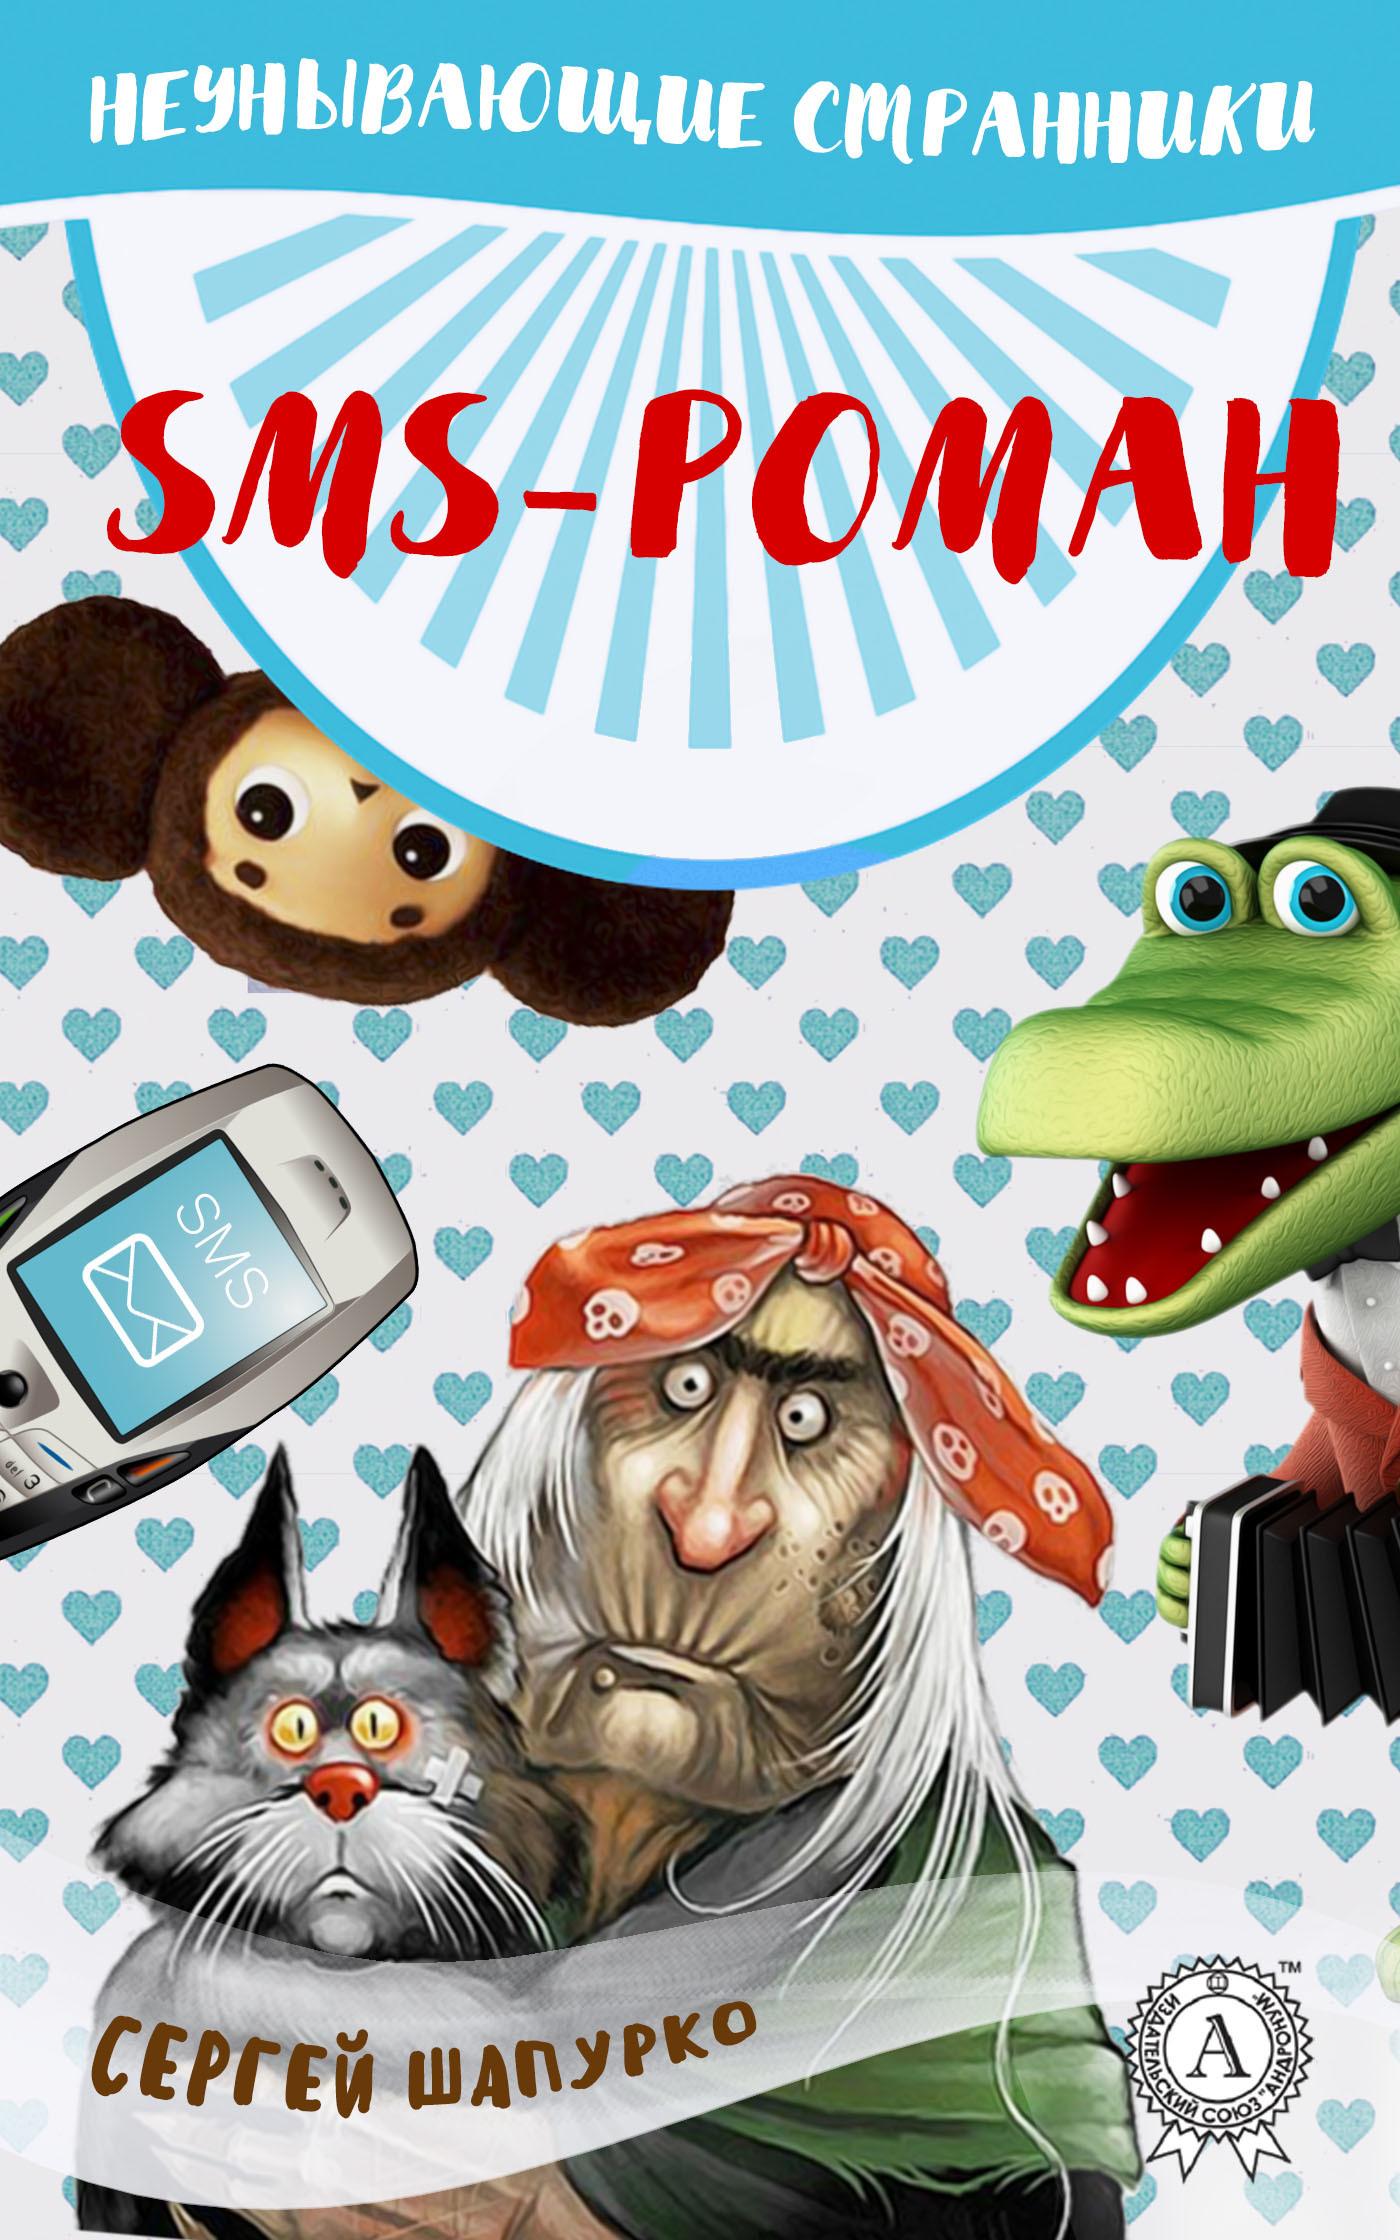 Сергей Шапурко SMS-роман любовные драмы русских писателей